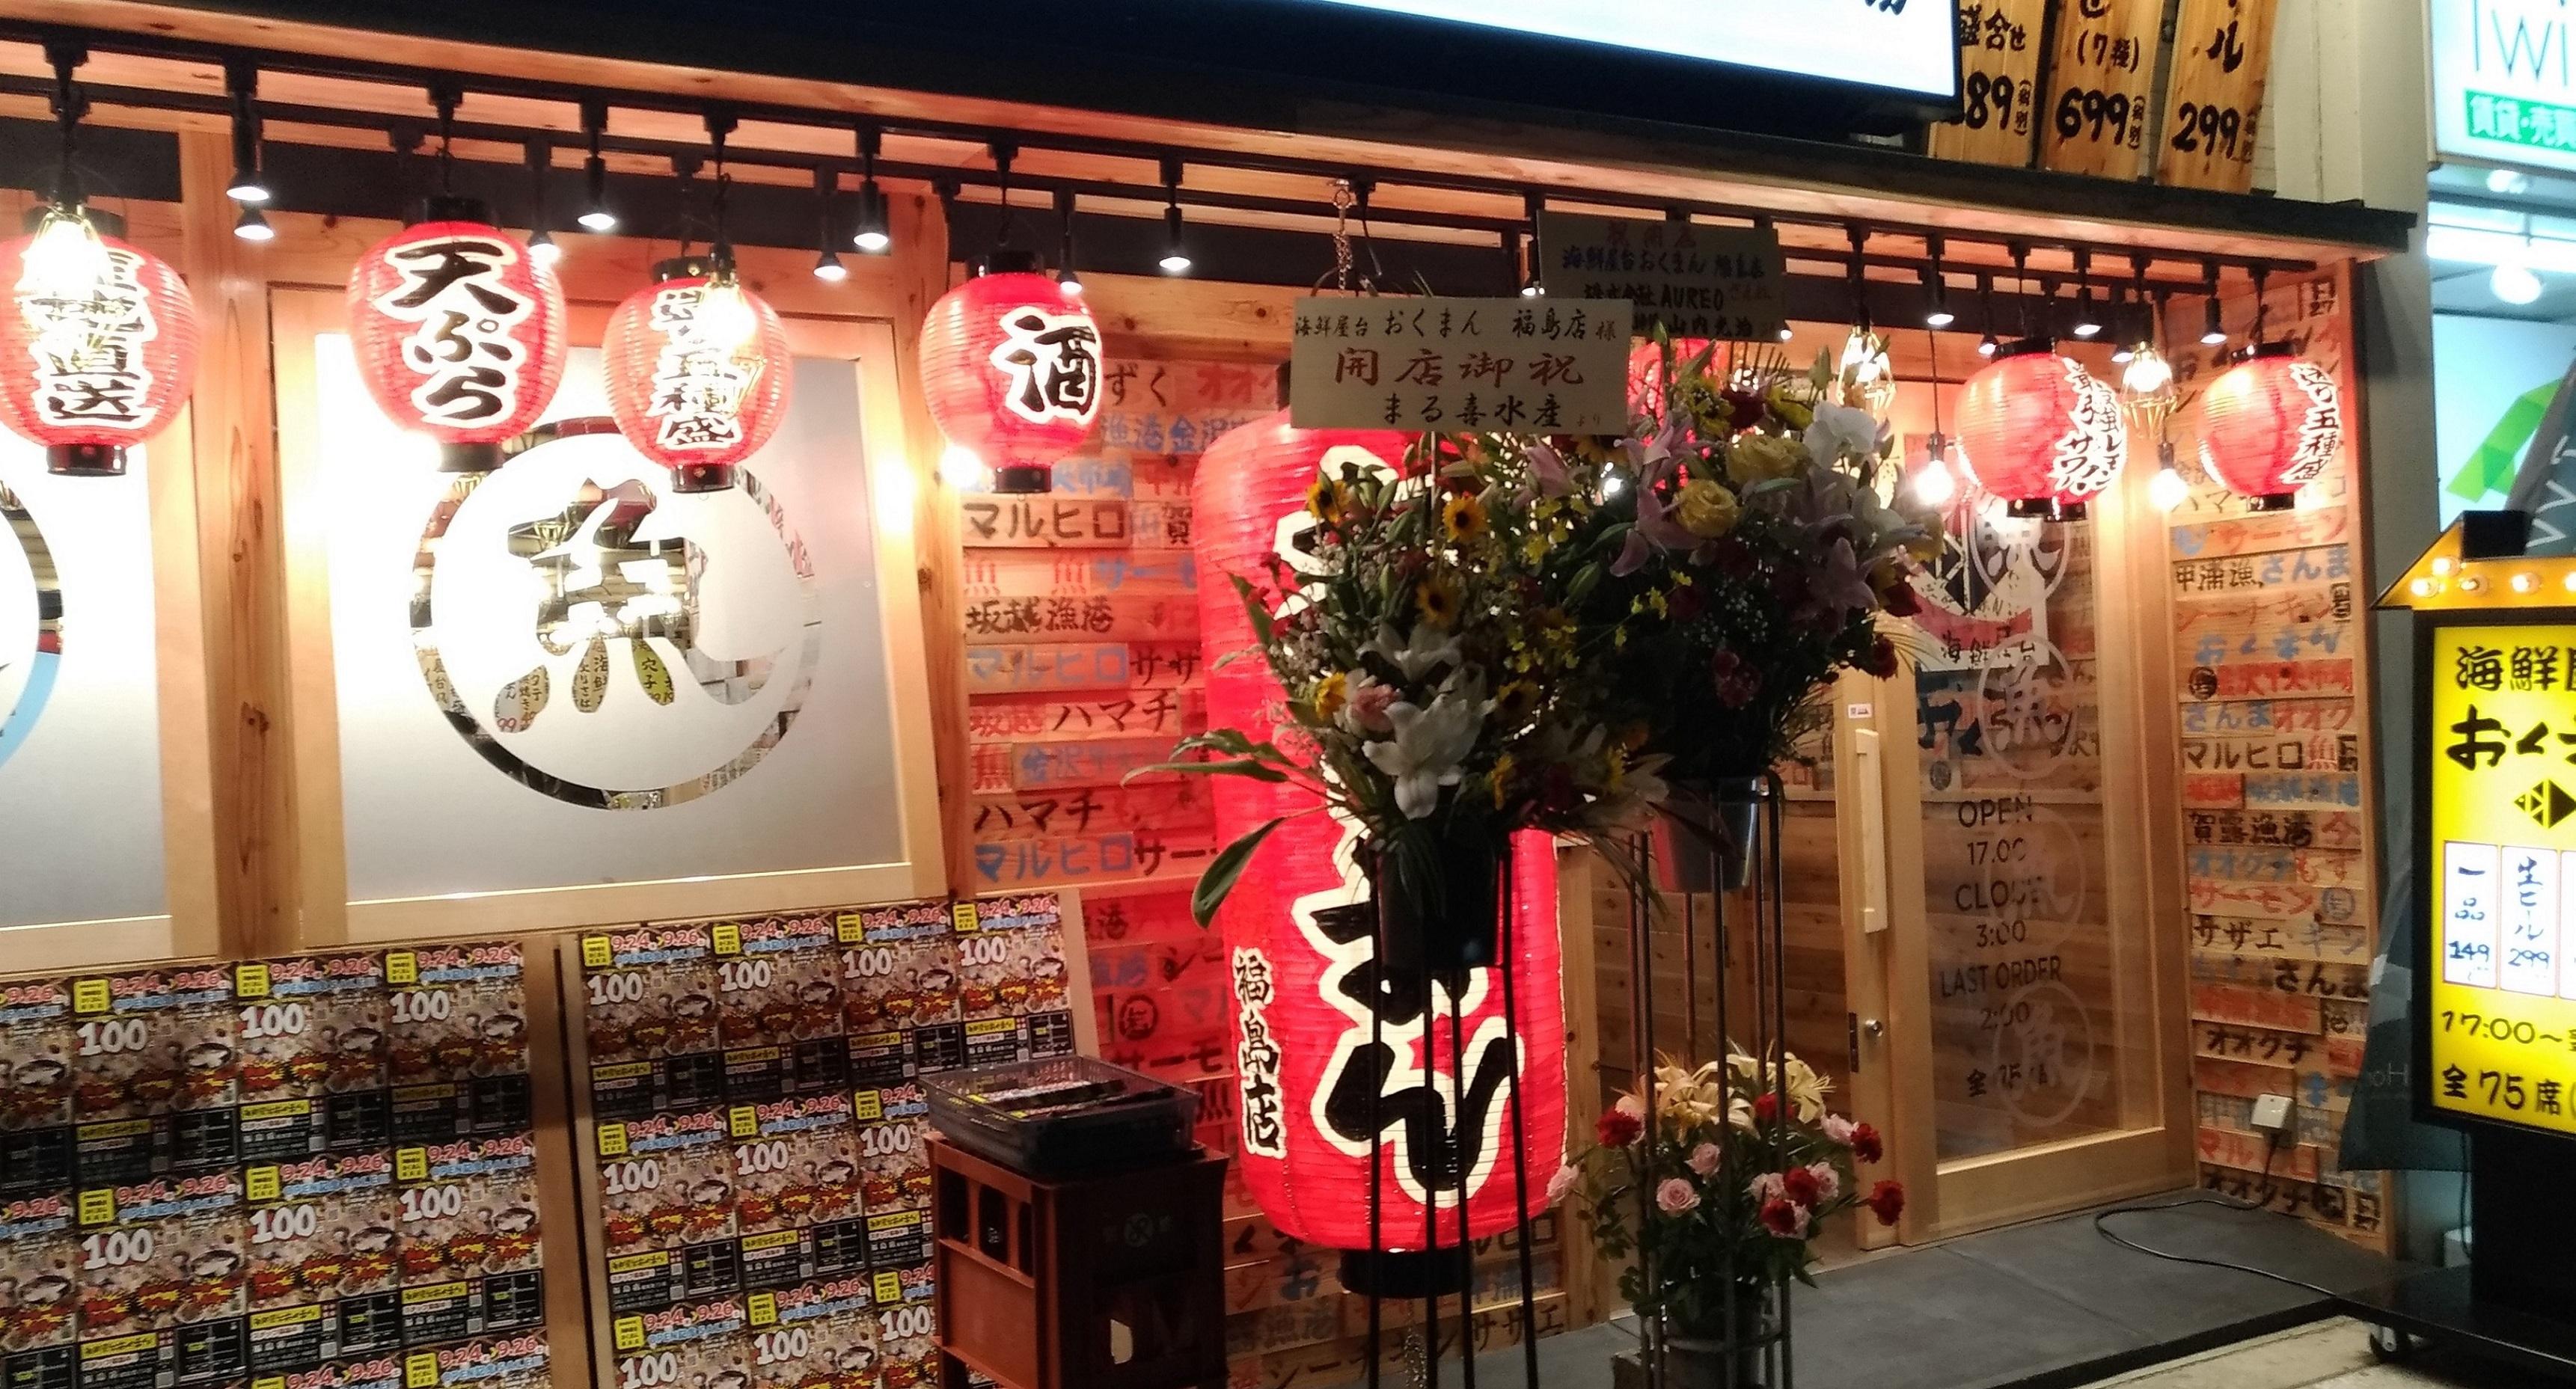 osaka_fukushima_100en_open_0924_1.jpg